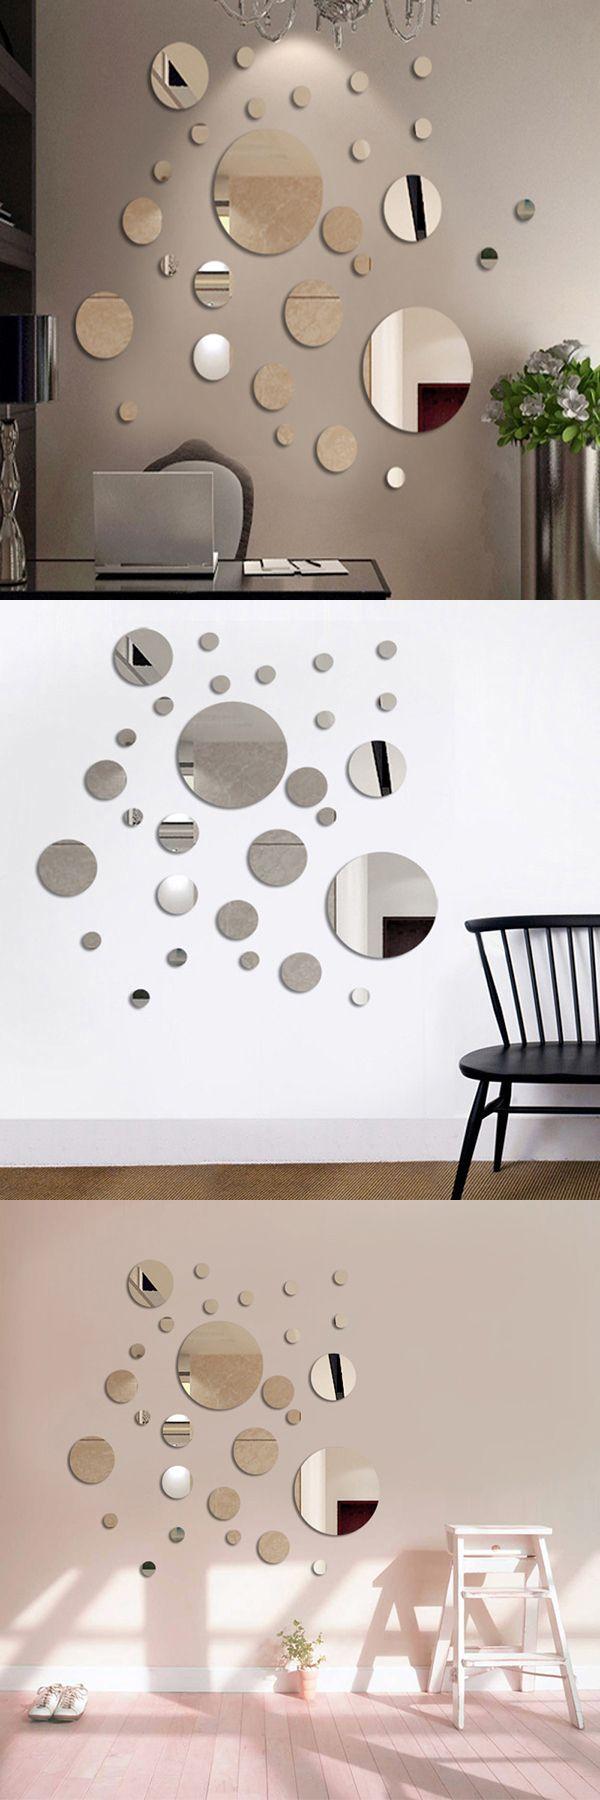 Best 25+ Waterproof Wall Panels Ideas On Pinterest